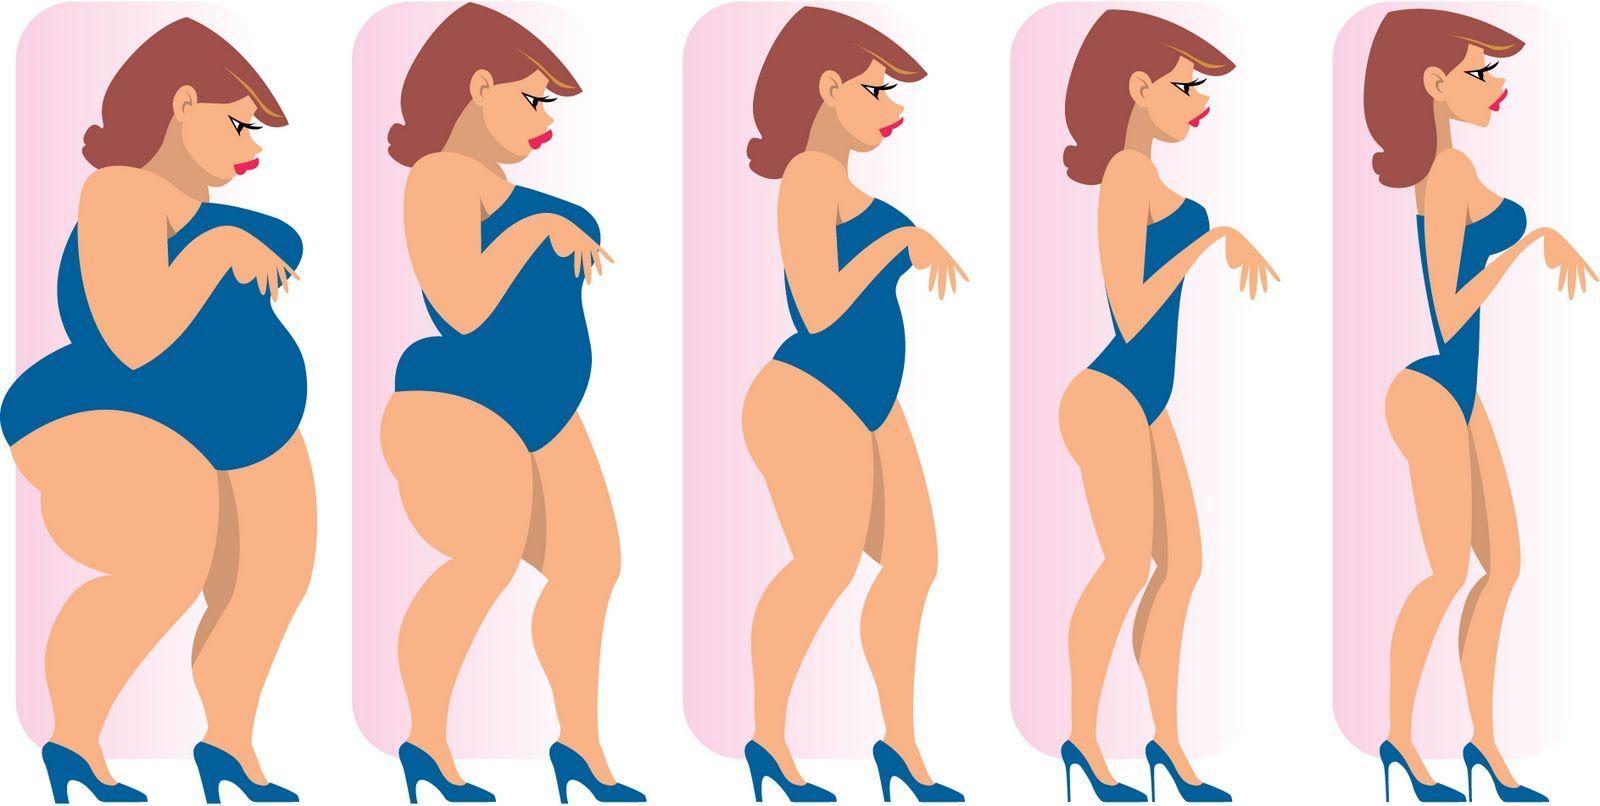 Когда Легче Сбросить Вес. Как похудеть за неделю в домашних условиях